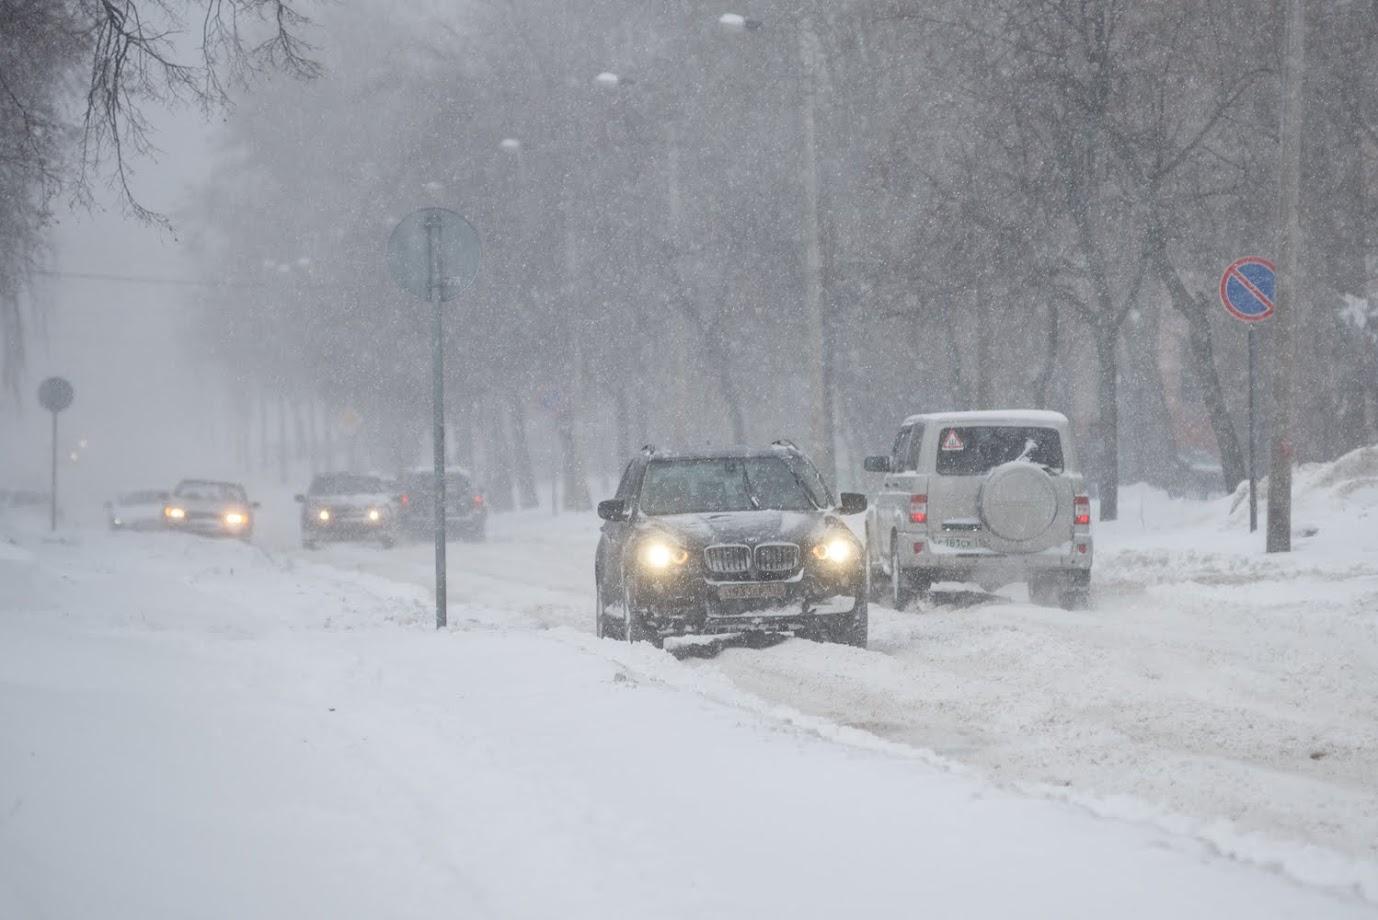 Погода в РК: штормовые предупреждения объявлены в Шымкенте и трех областях